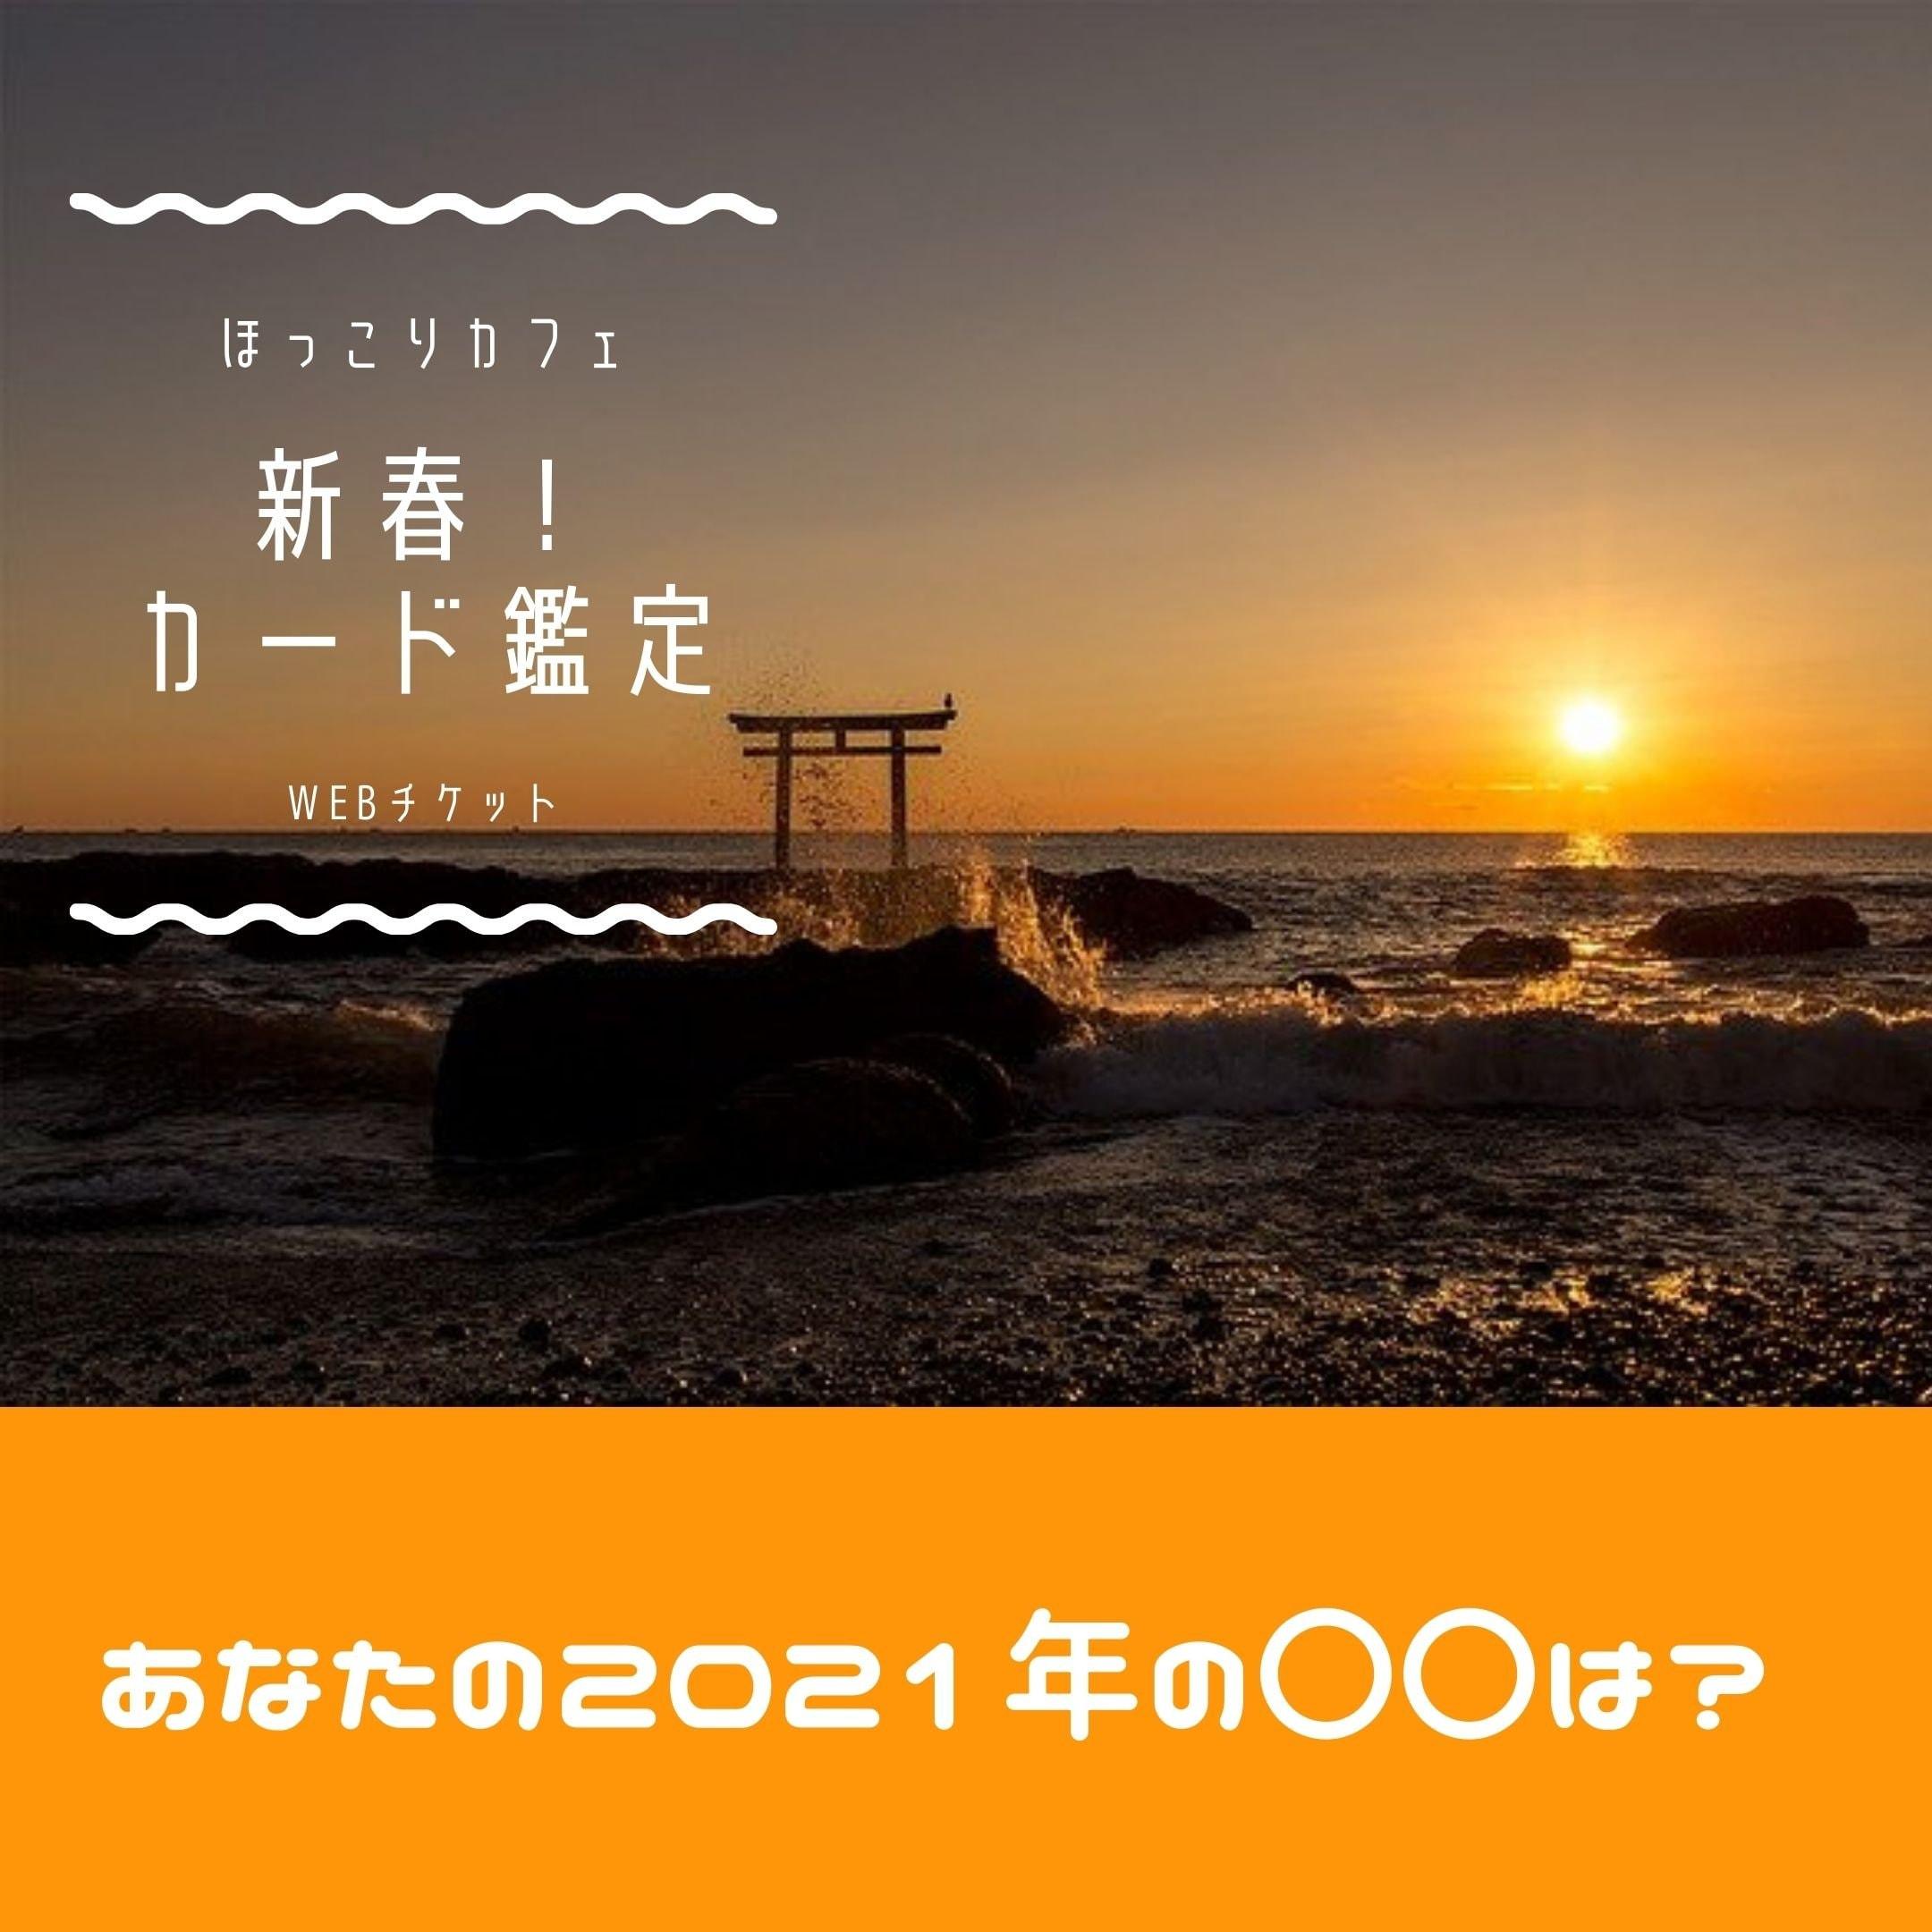 新春!カードで2021年あなたの〇〇鑑定チケットのイメージその1